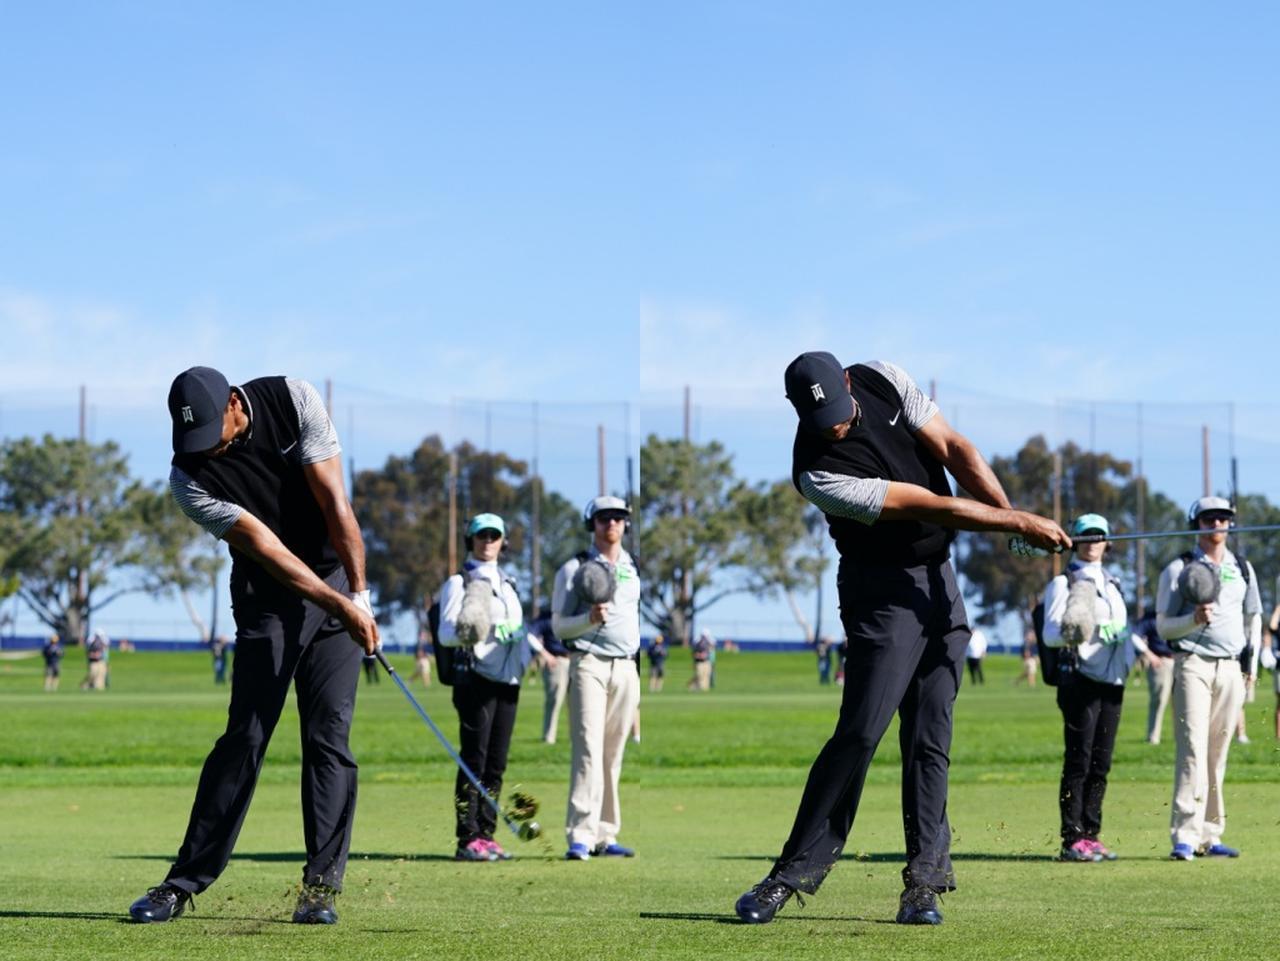 画像: 画像C:体の動きでクラブをコントロールしていることで、方向性の良い低く長いフォローとなっている(写真は2019年のファーマーズインシュランスオープン 撮影/姉崎正)